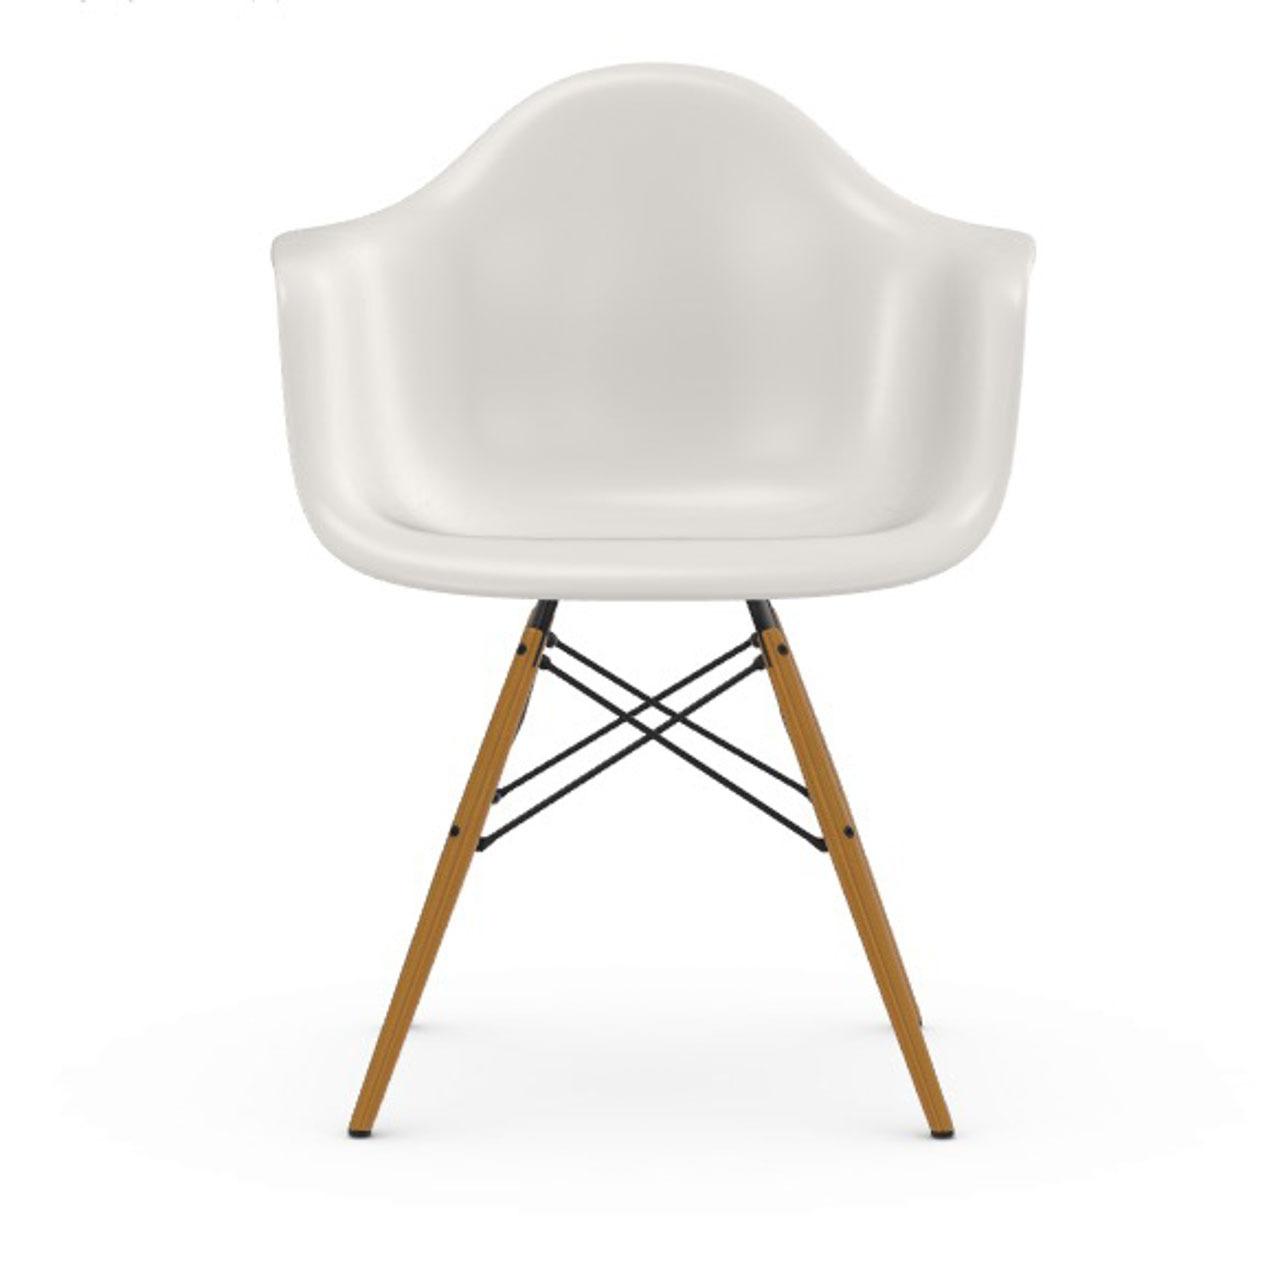 Vitra Eames Plastic Armchair DAW ohne Polster  Holzuntergestell Esche Honigfarben / 65,  Weiss / 04,  Schwarzer Gleiter für Hartböden